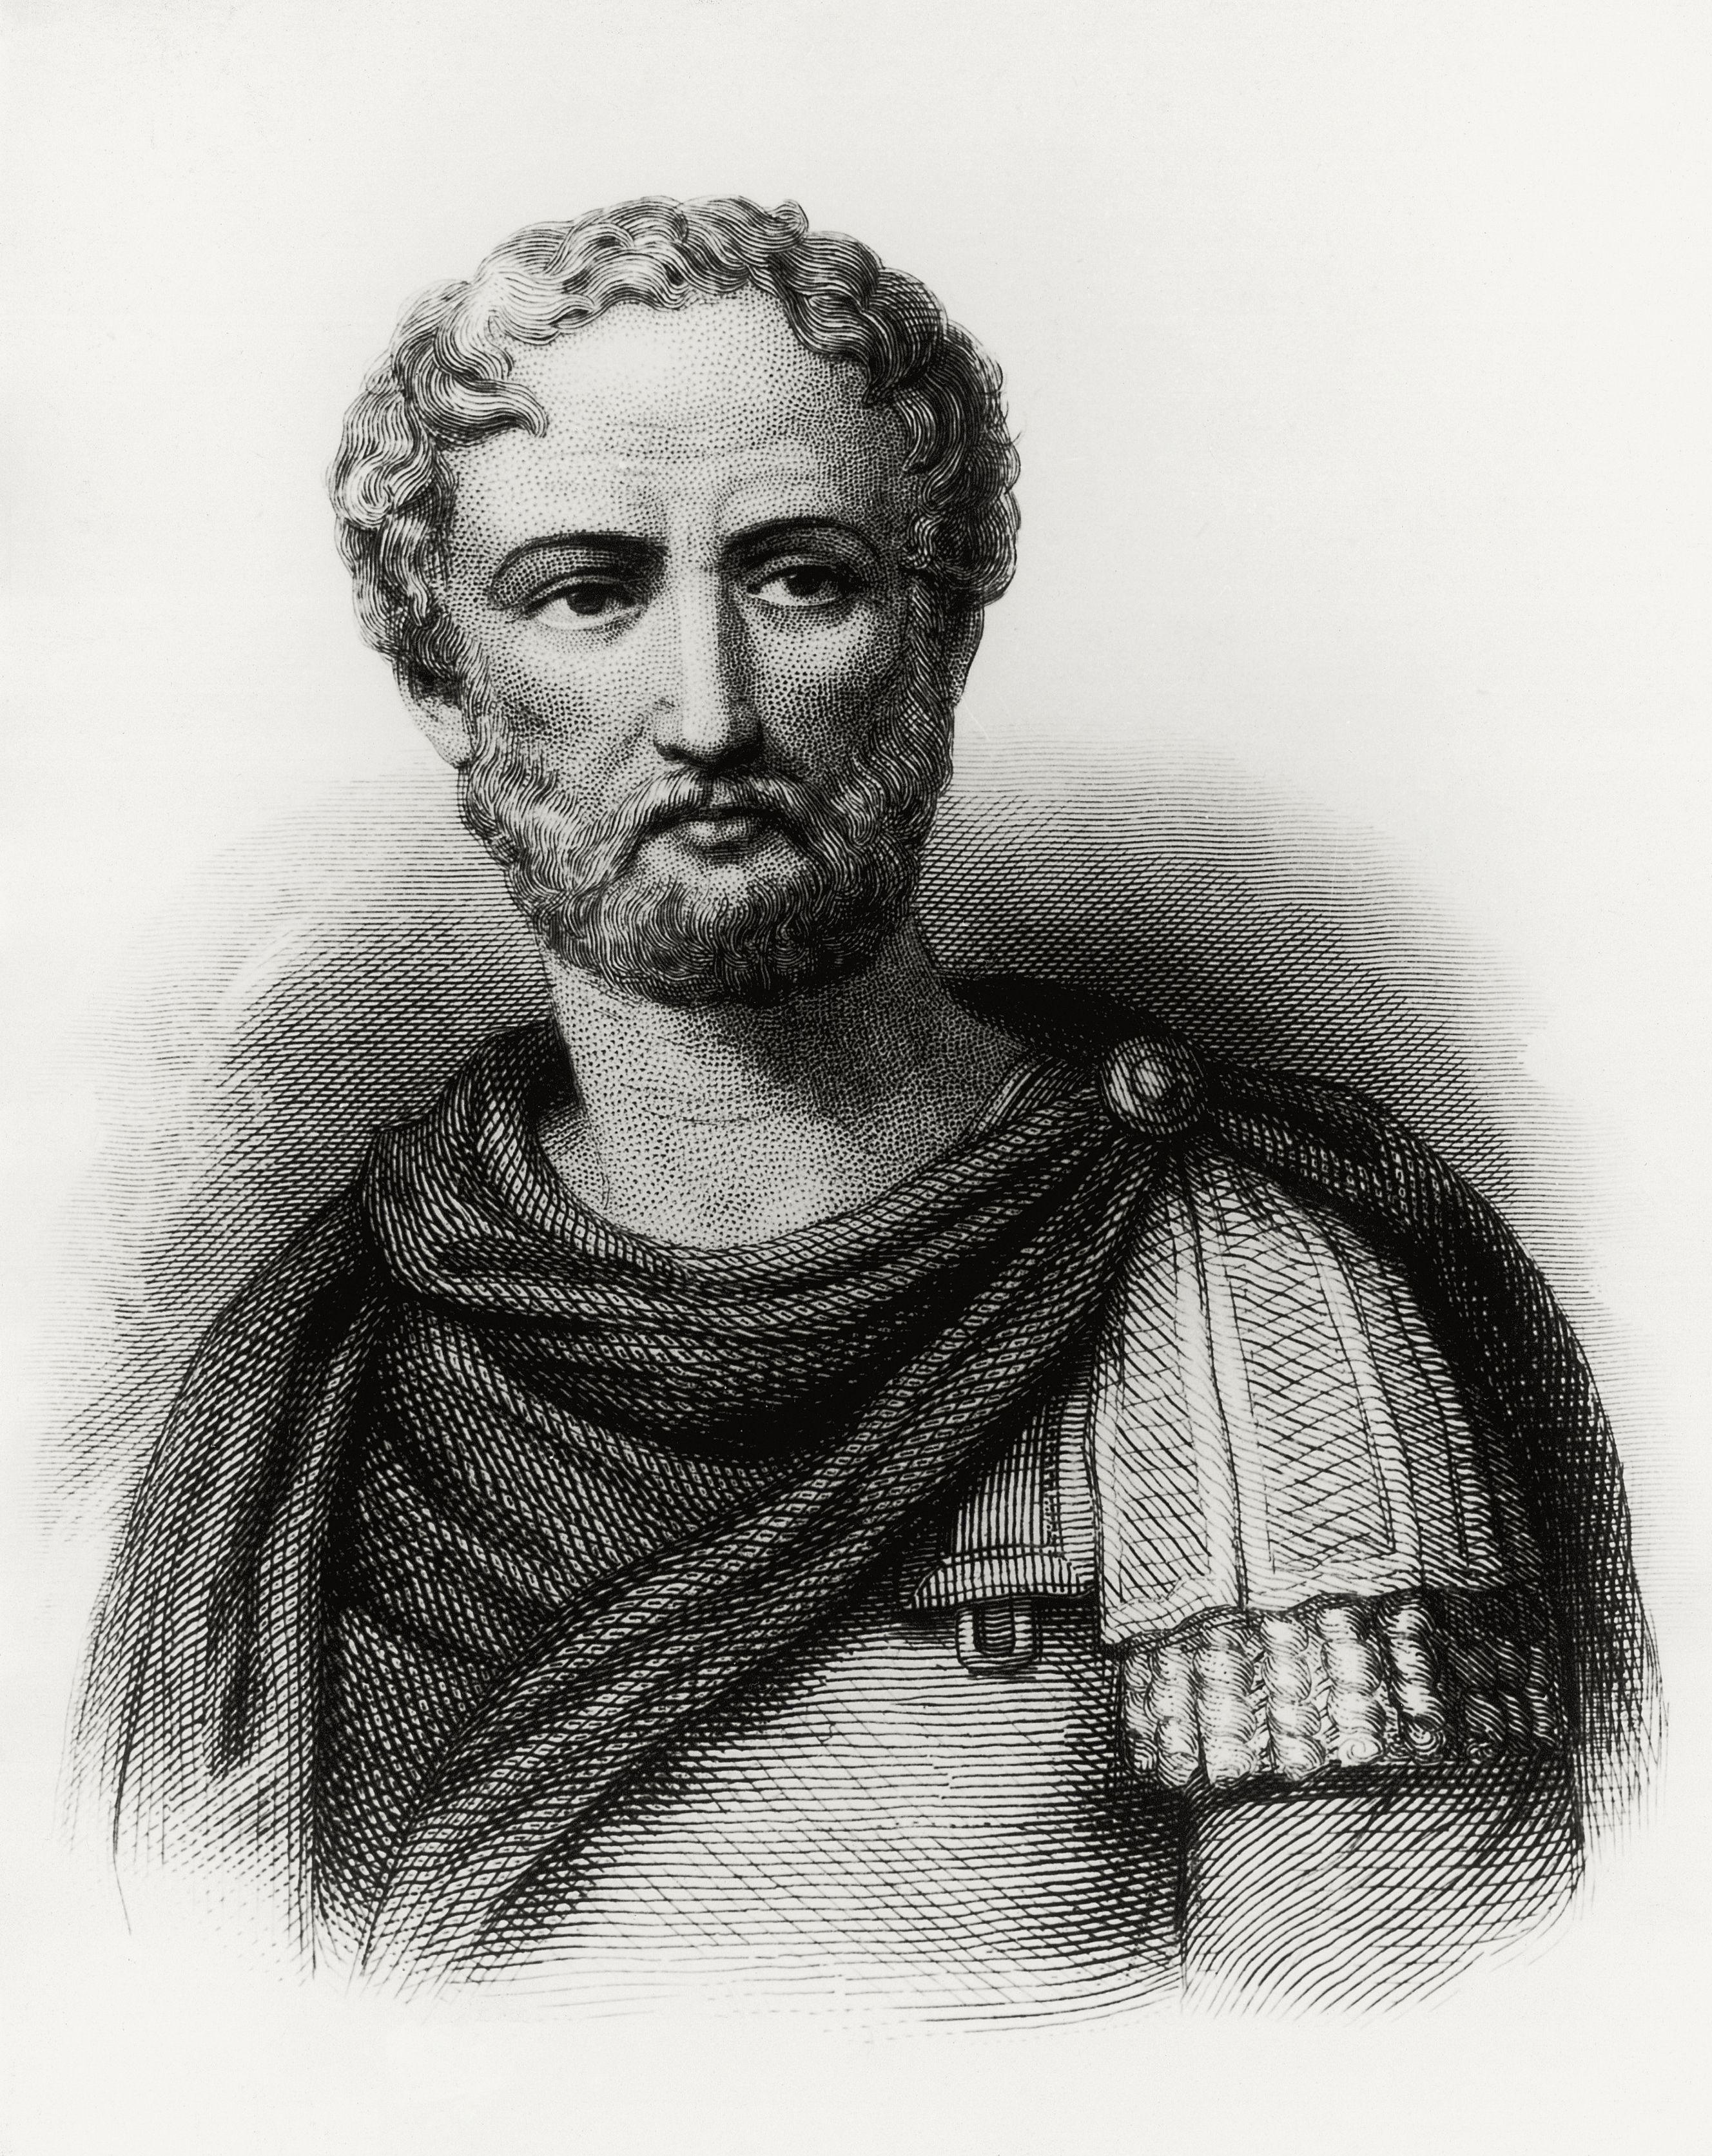 Pliny the Younger, Gaius Plinius Caecilius Secundus (Como, 61-62 AD-112-113 AD), Roman writer, engraving, Italy, 1st-2nd century AD